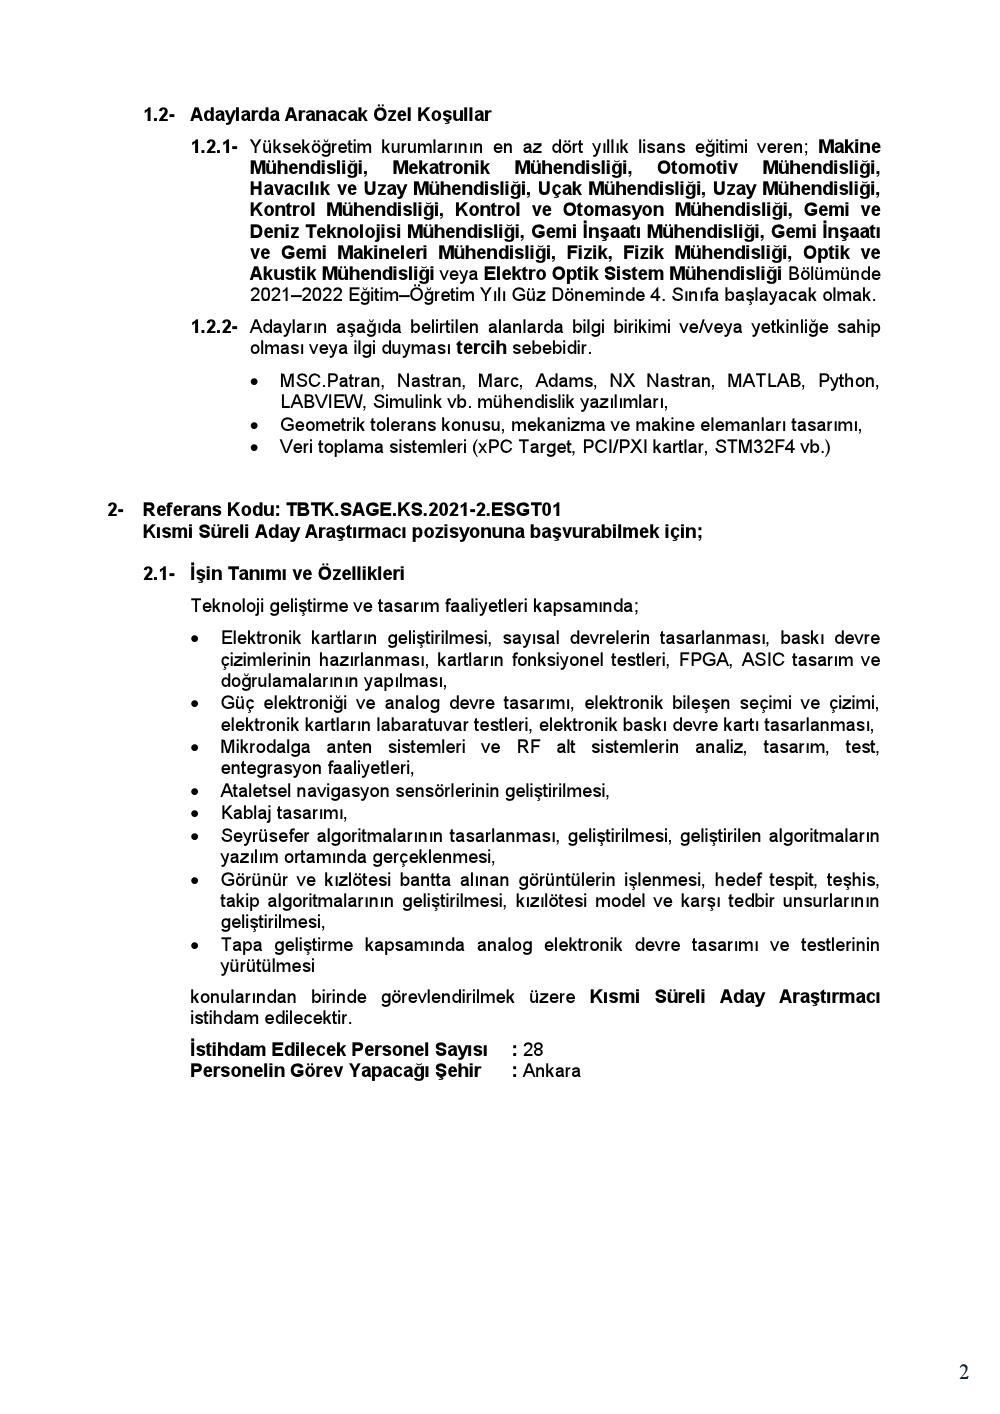 ankara-tubitak-sage-26-04-2021-000003.png